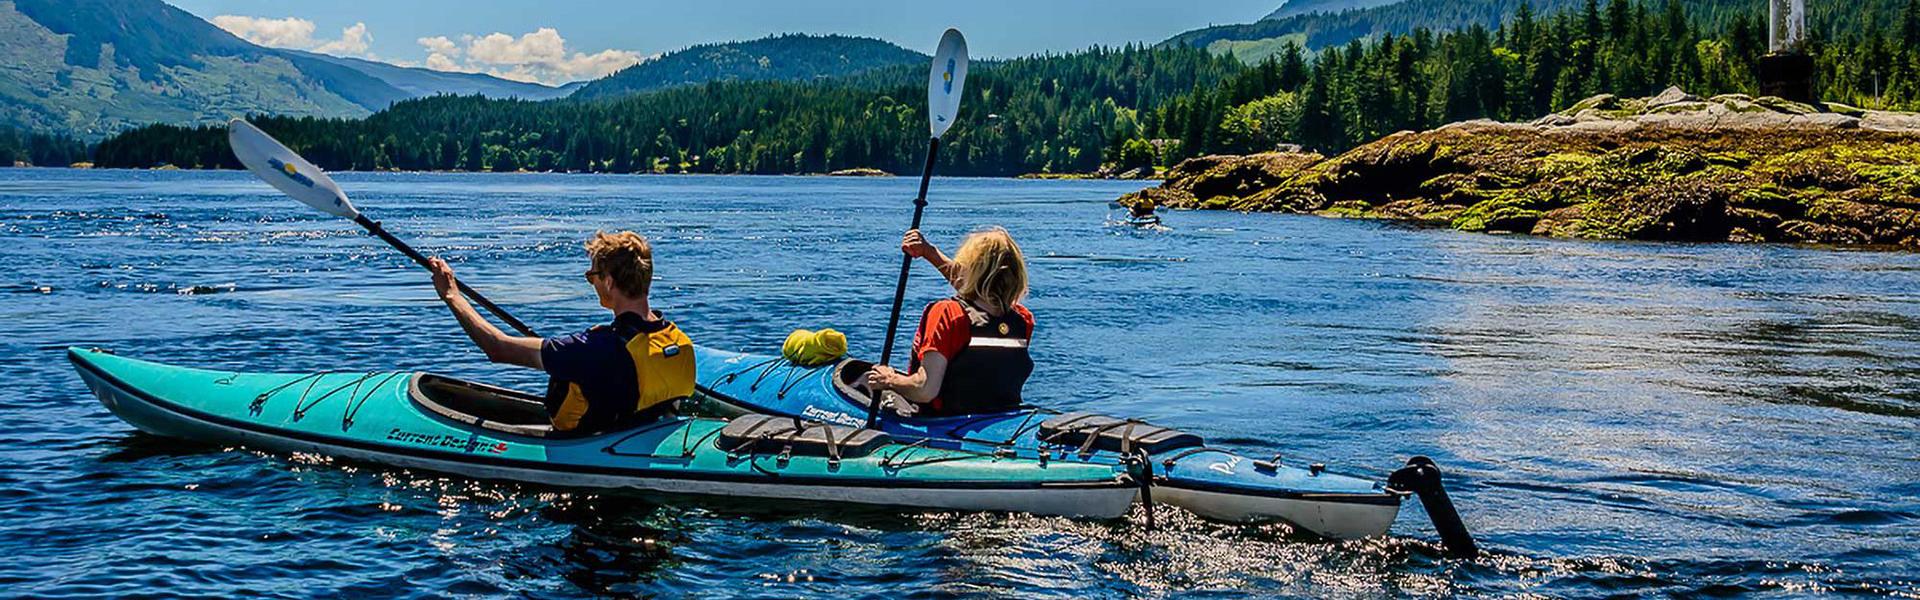 Outdoors Kayaking